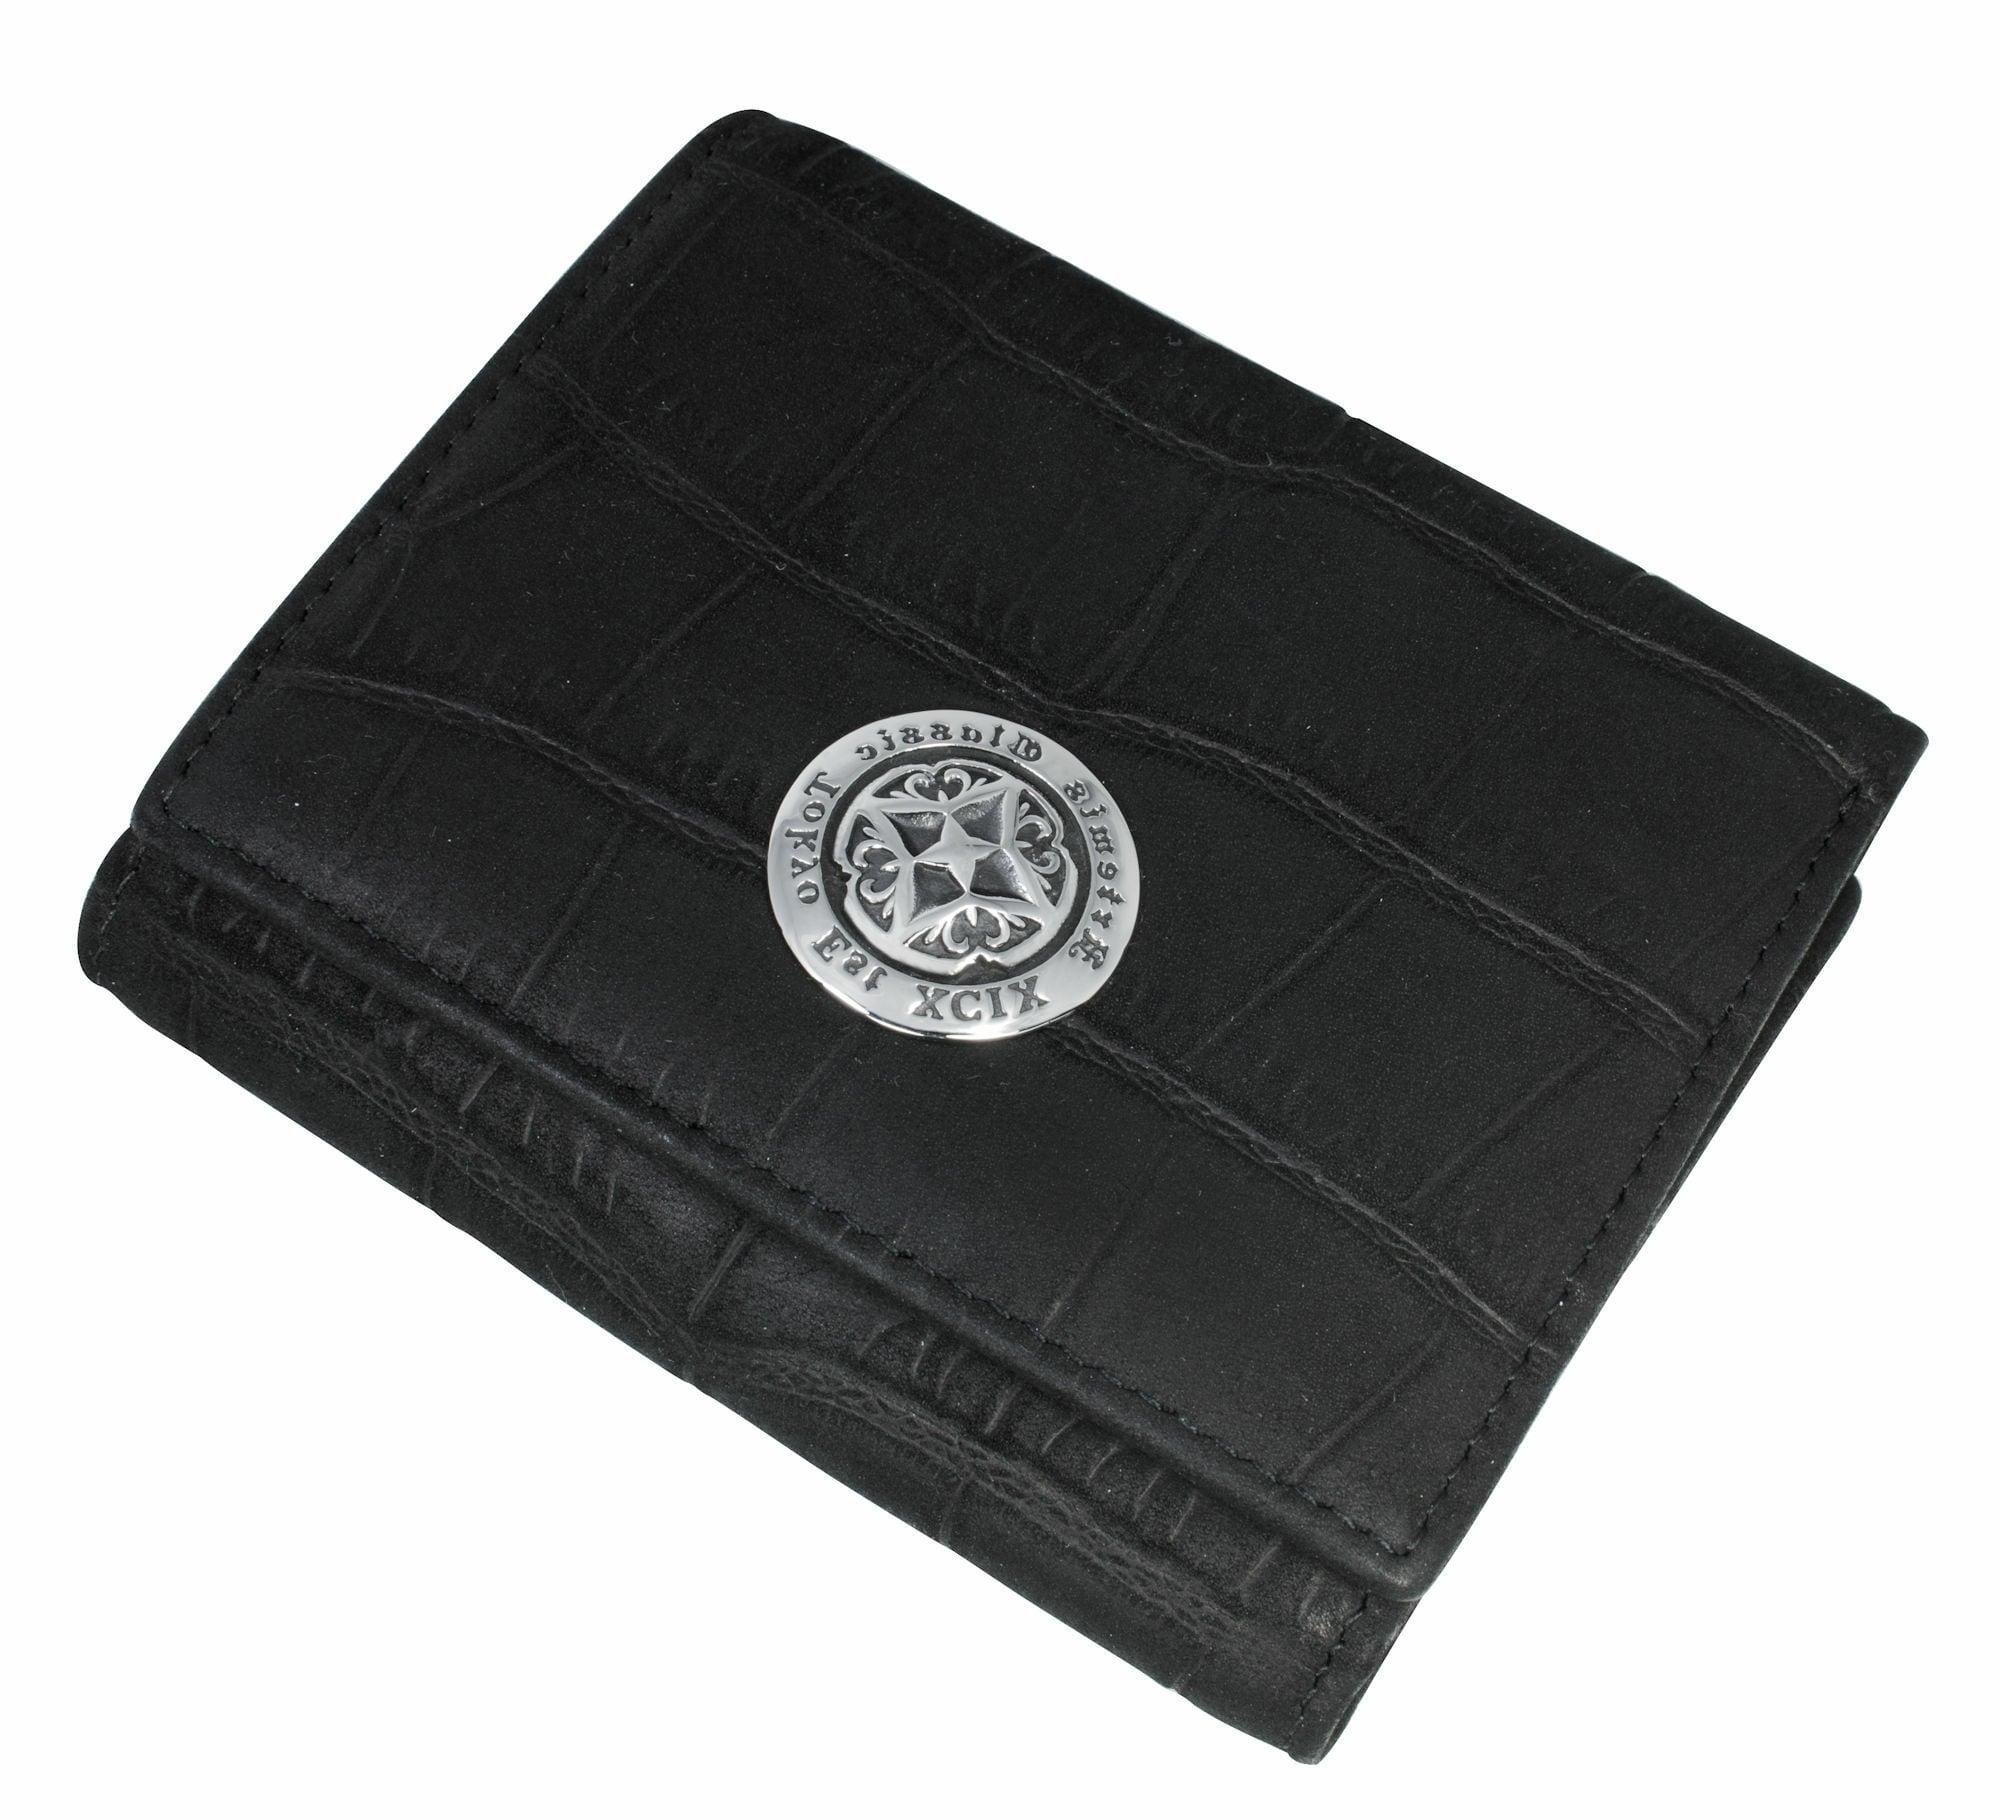 ショートウォレットヌバッククロコスタイル ACSW0001 Short wallet nubuck crocodile style